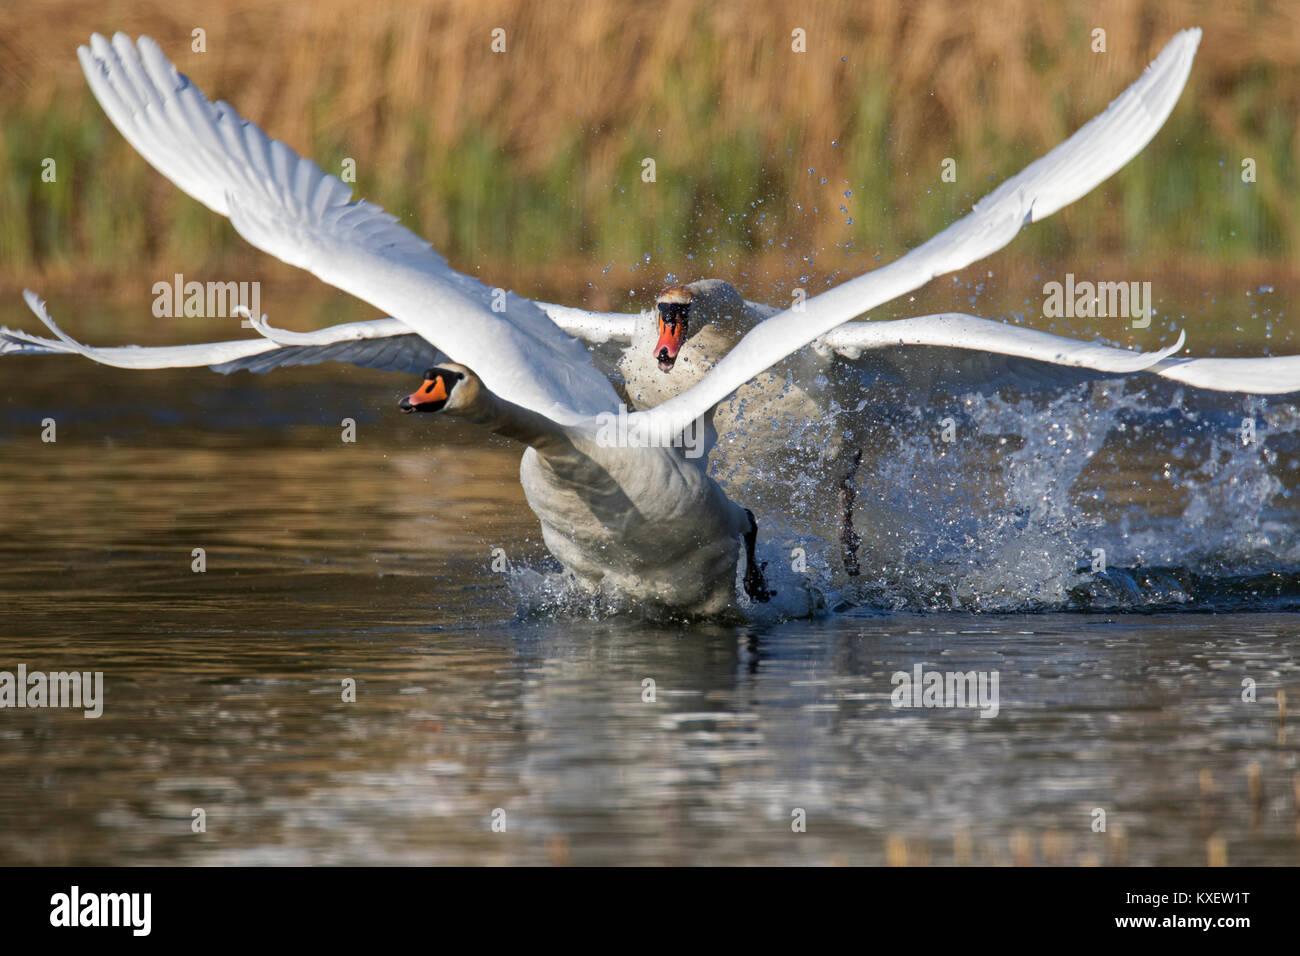 Cisne Territorial (Cygnus olor) macho alejando joven cisne nadando en el lago en la primavera Imagen De Stock